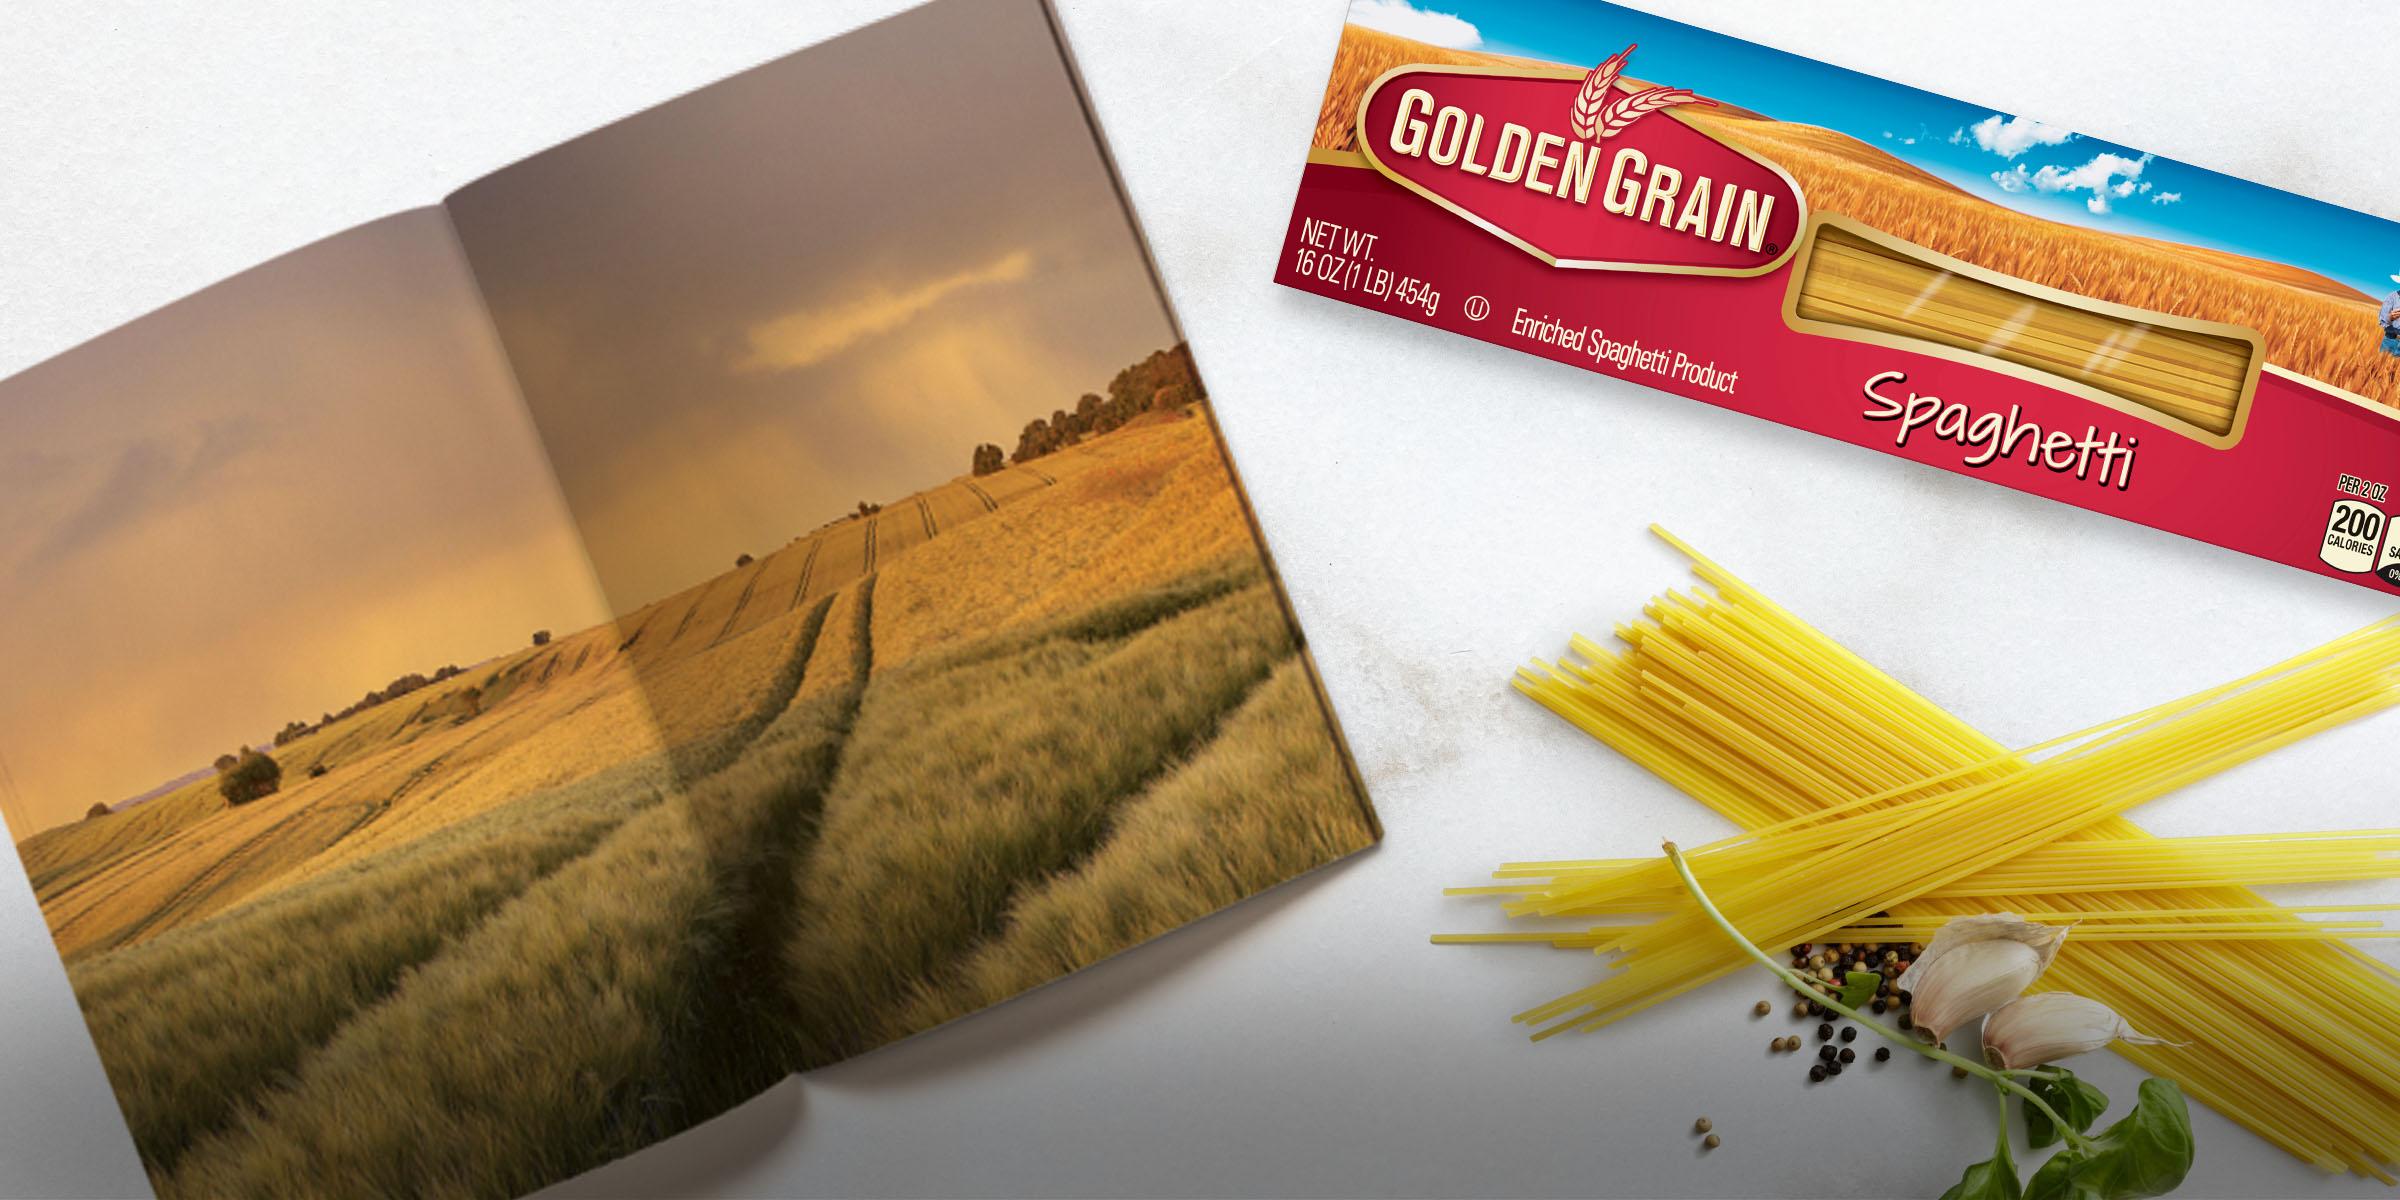 08_Generations_goldengrain Home